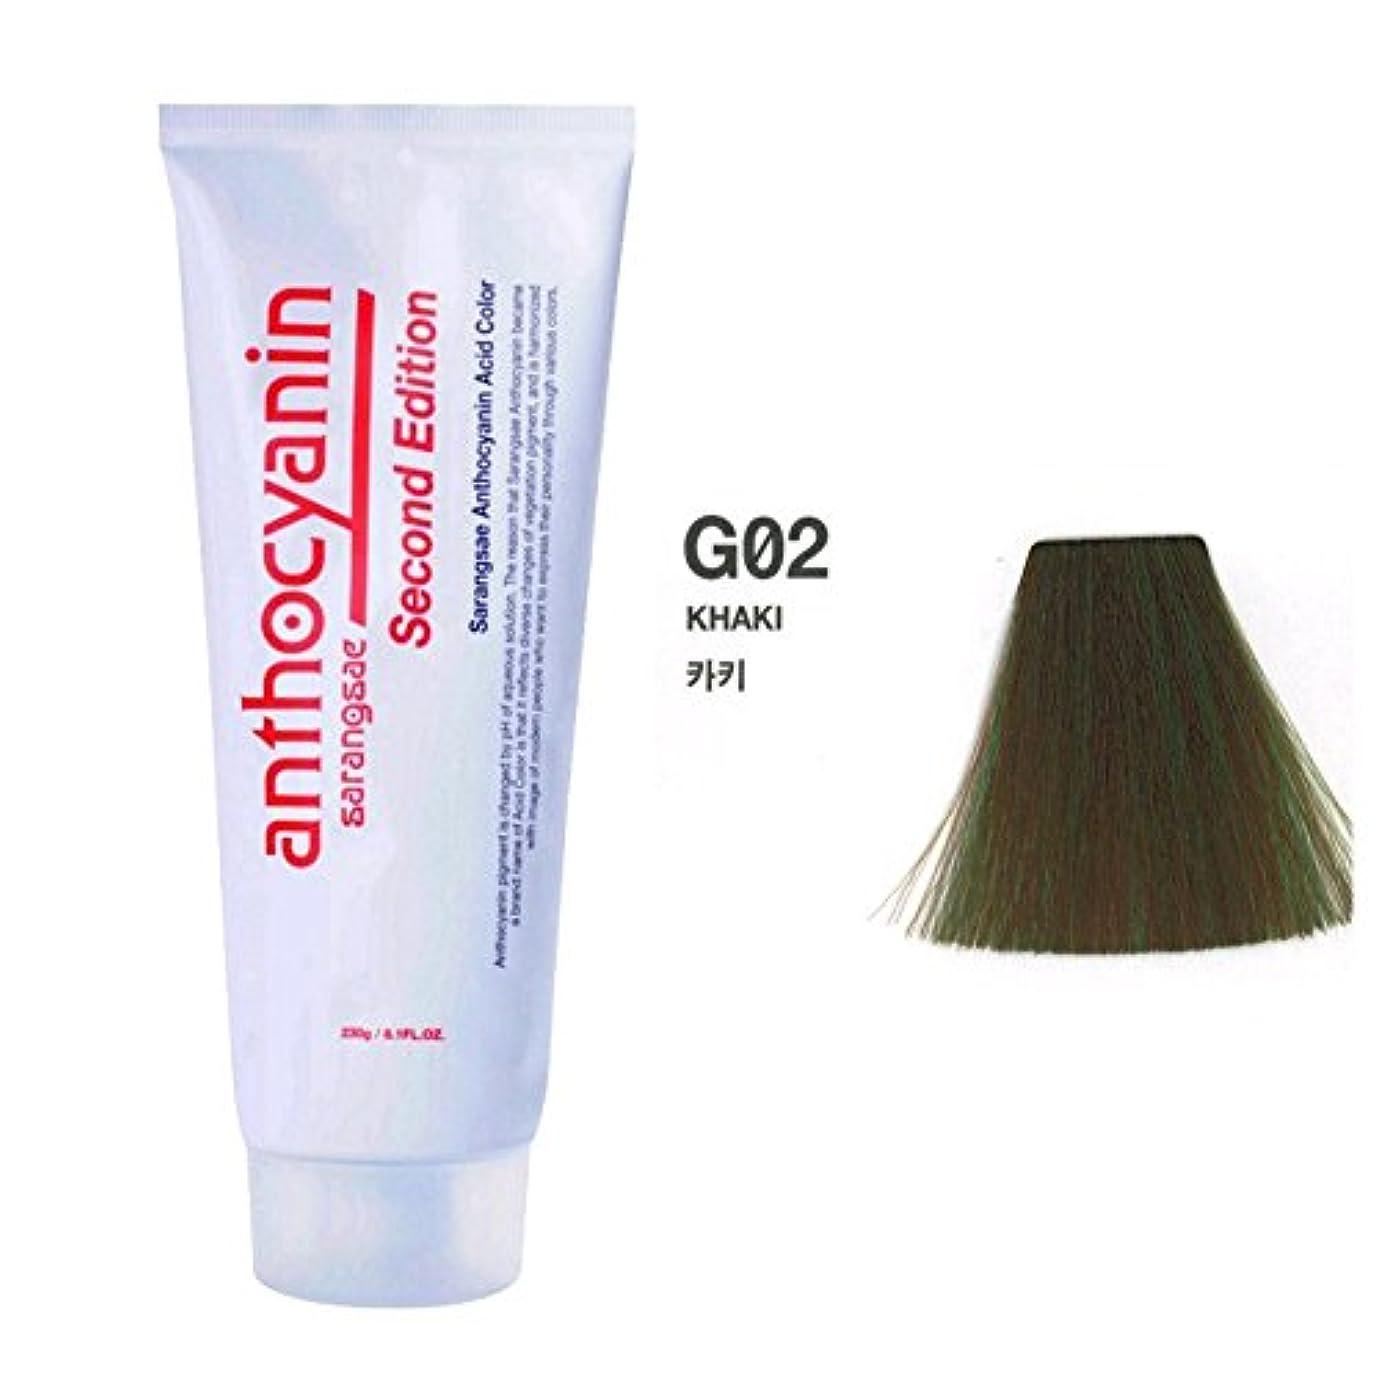 特権ファイル栄養ヘア マニキュア カラー セカンド エディション 230g セミ パーマネント 染毛剤 (Hair Manicure Color Second Edition 230g Semi Permanent Hair Dye) [並行輸入品] (G02 Khaki)